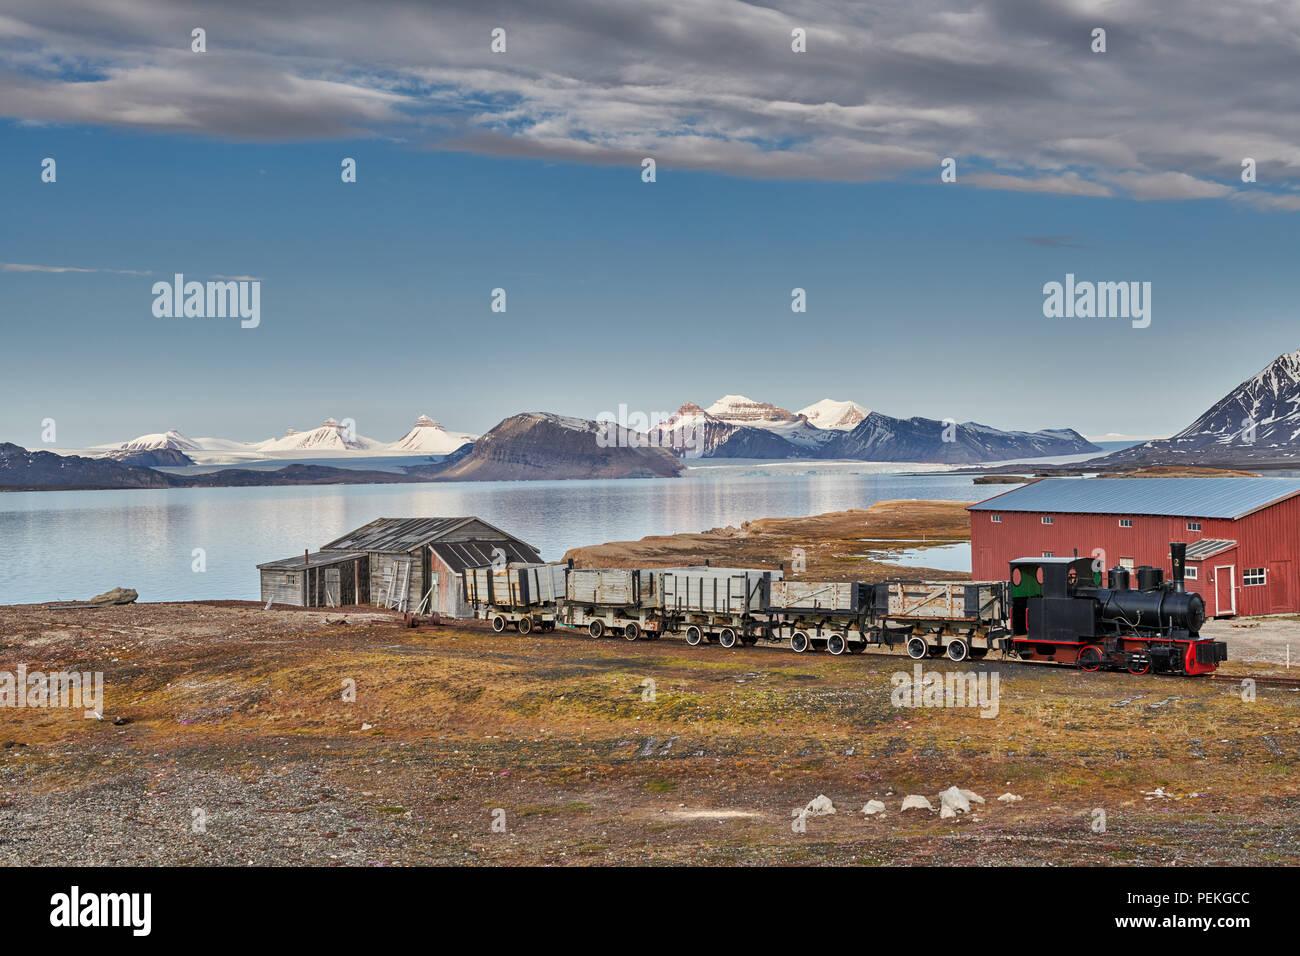 Alten Kohle- und Blick von der nördlichsten Zivilen und funktionale Siedlung Ny-Ålesund auf der Landschaft mit den drei Kronen, Spitzbergen oder Spitsb Stockbild